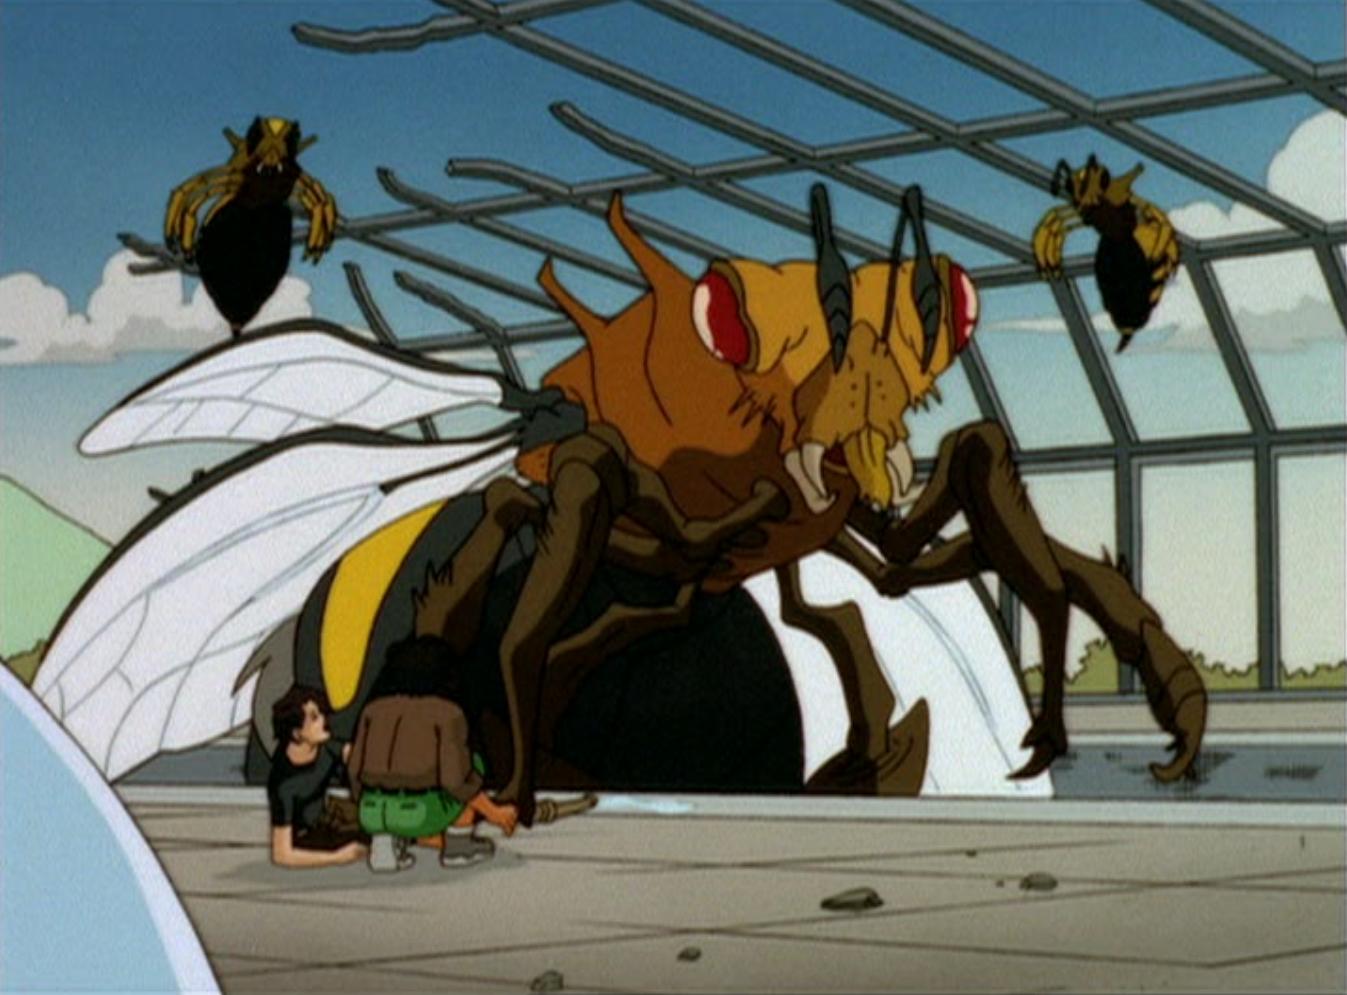 Giant Mutant Bee